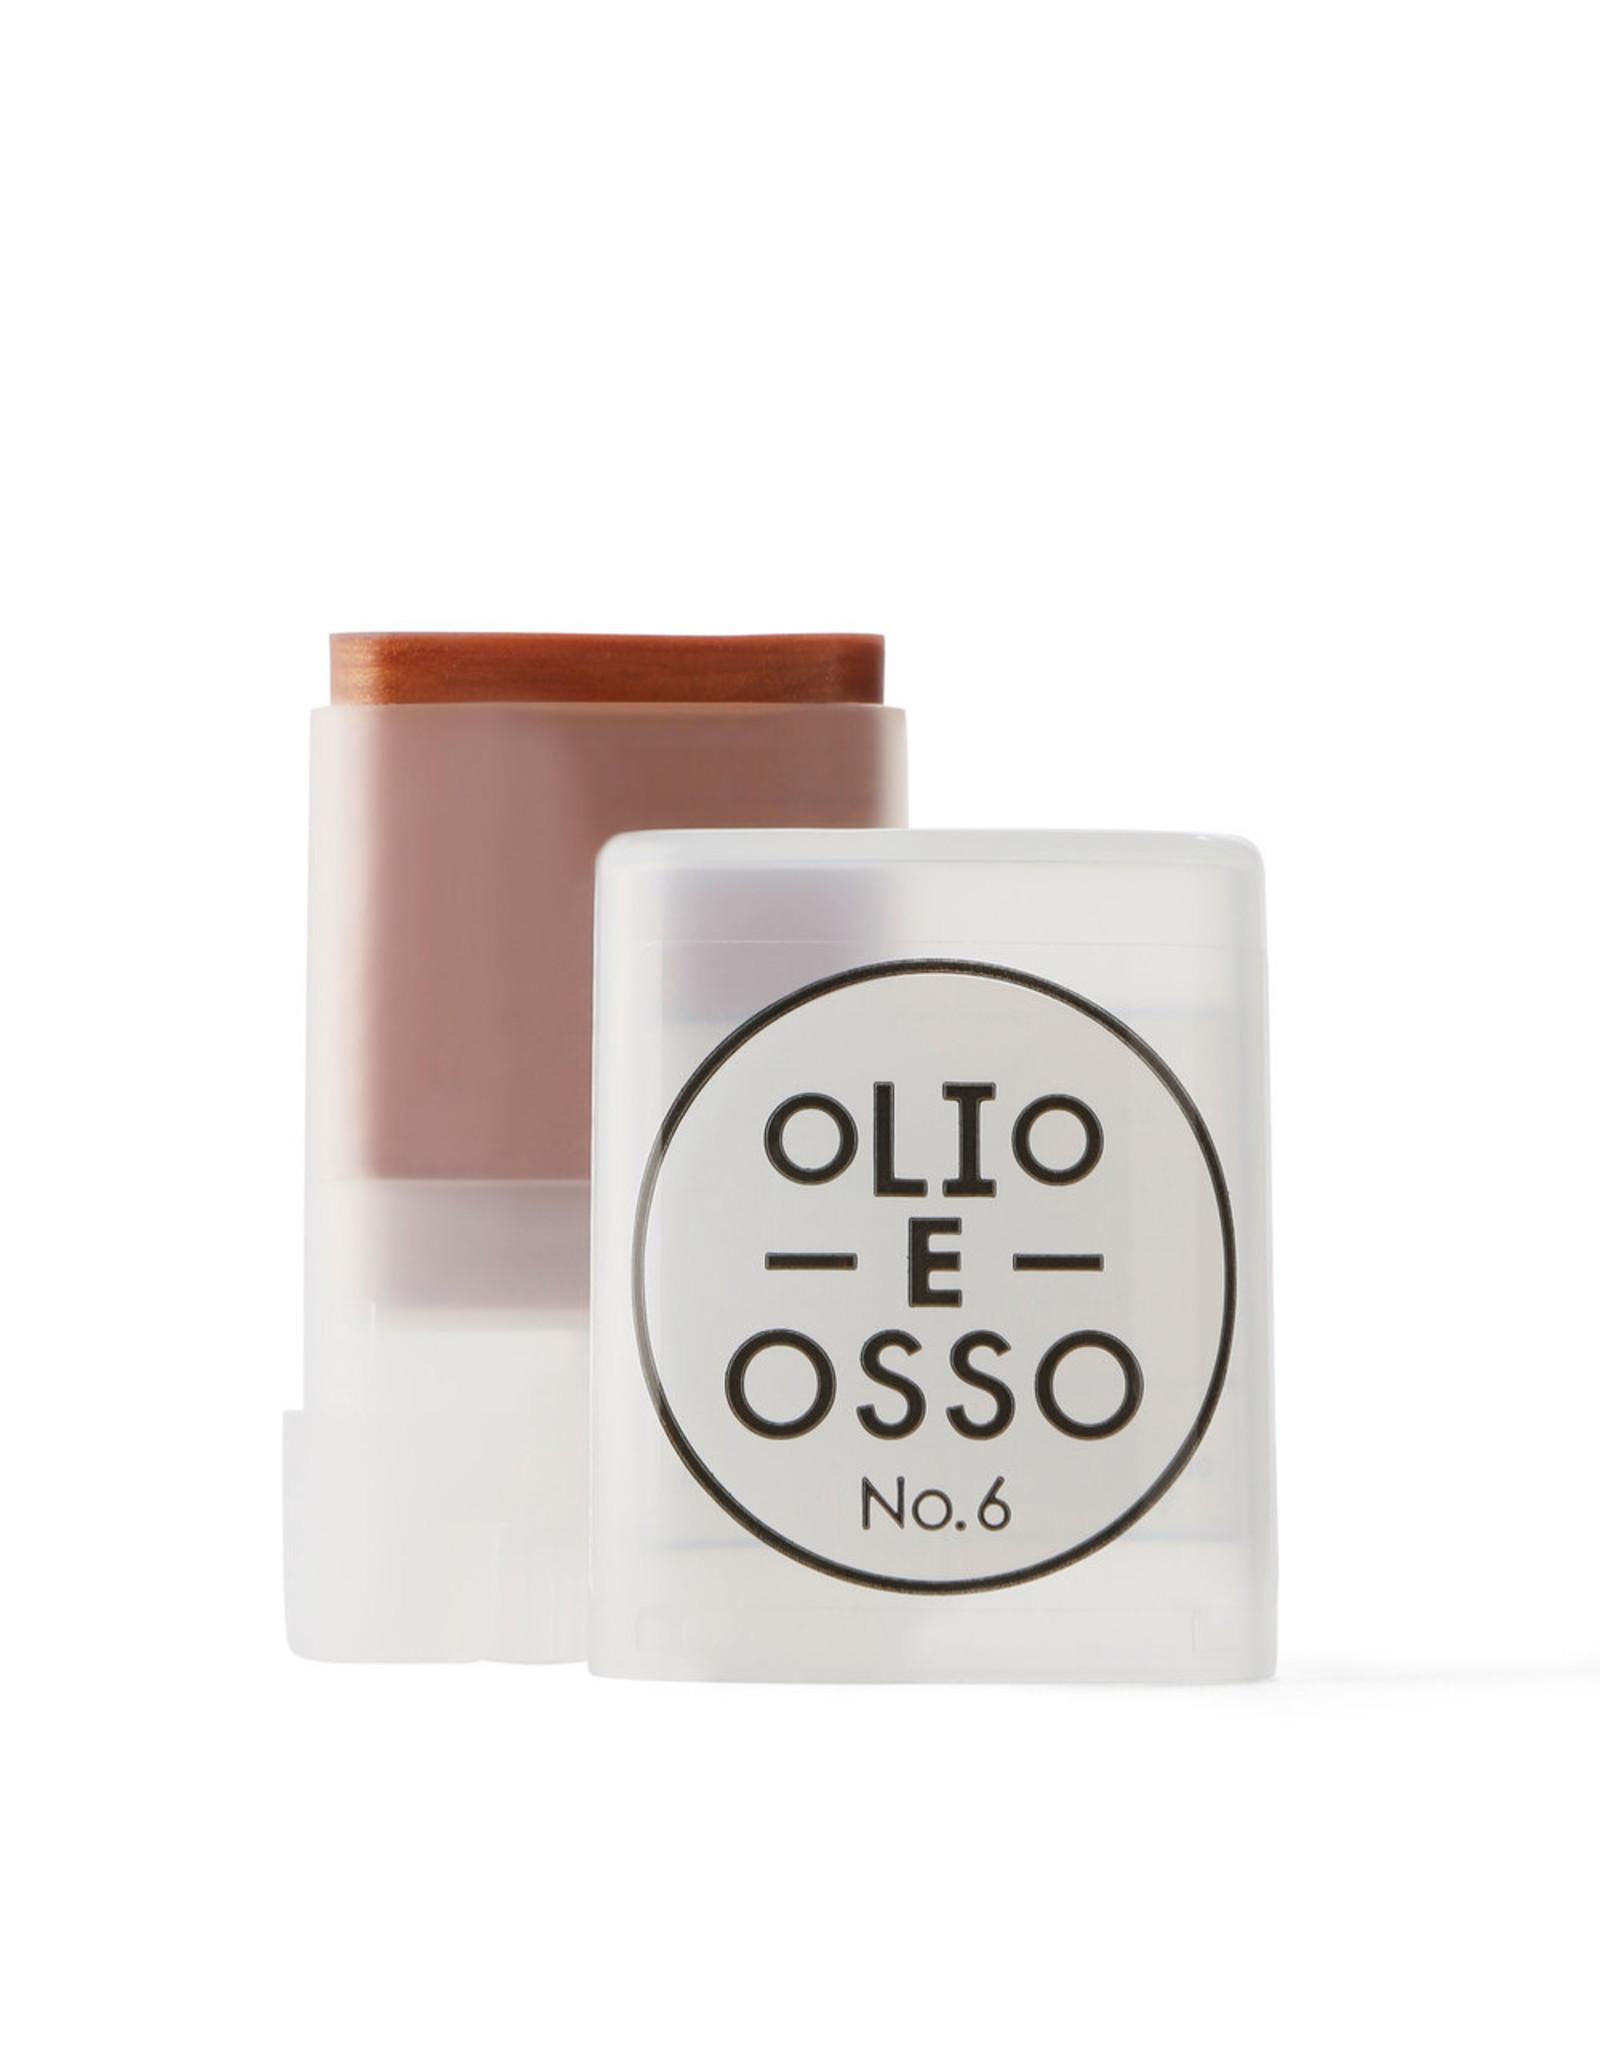 Olio E Osso Olio E Osso No. 6 - Bronze Balm